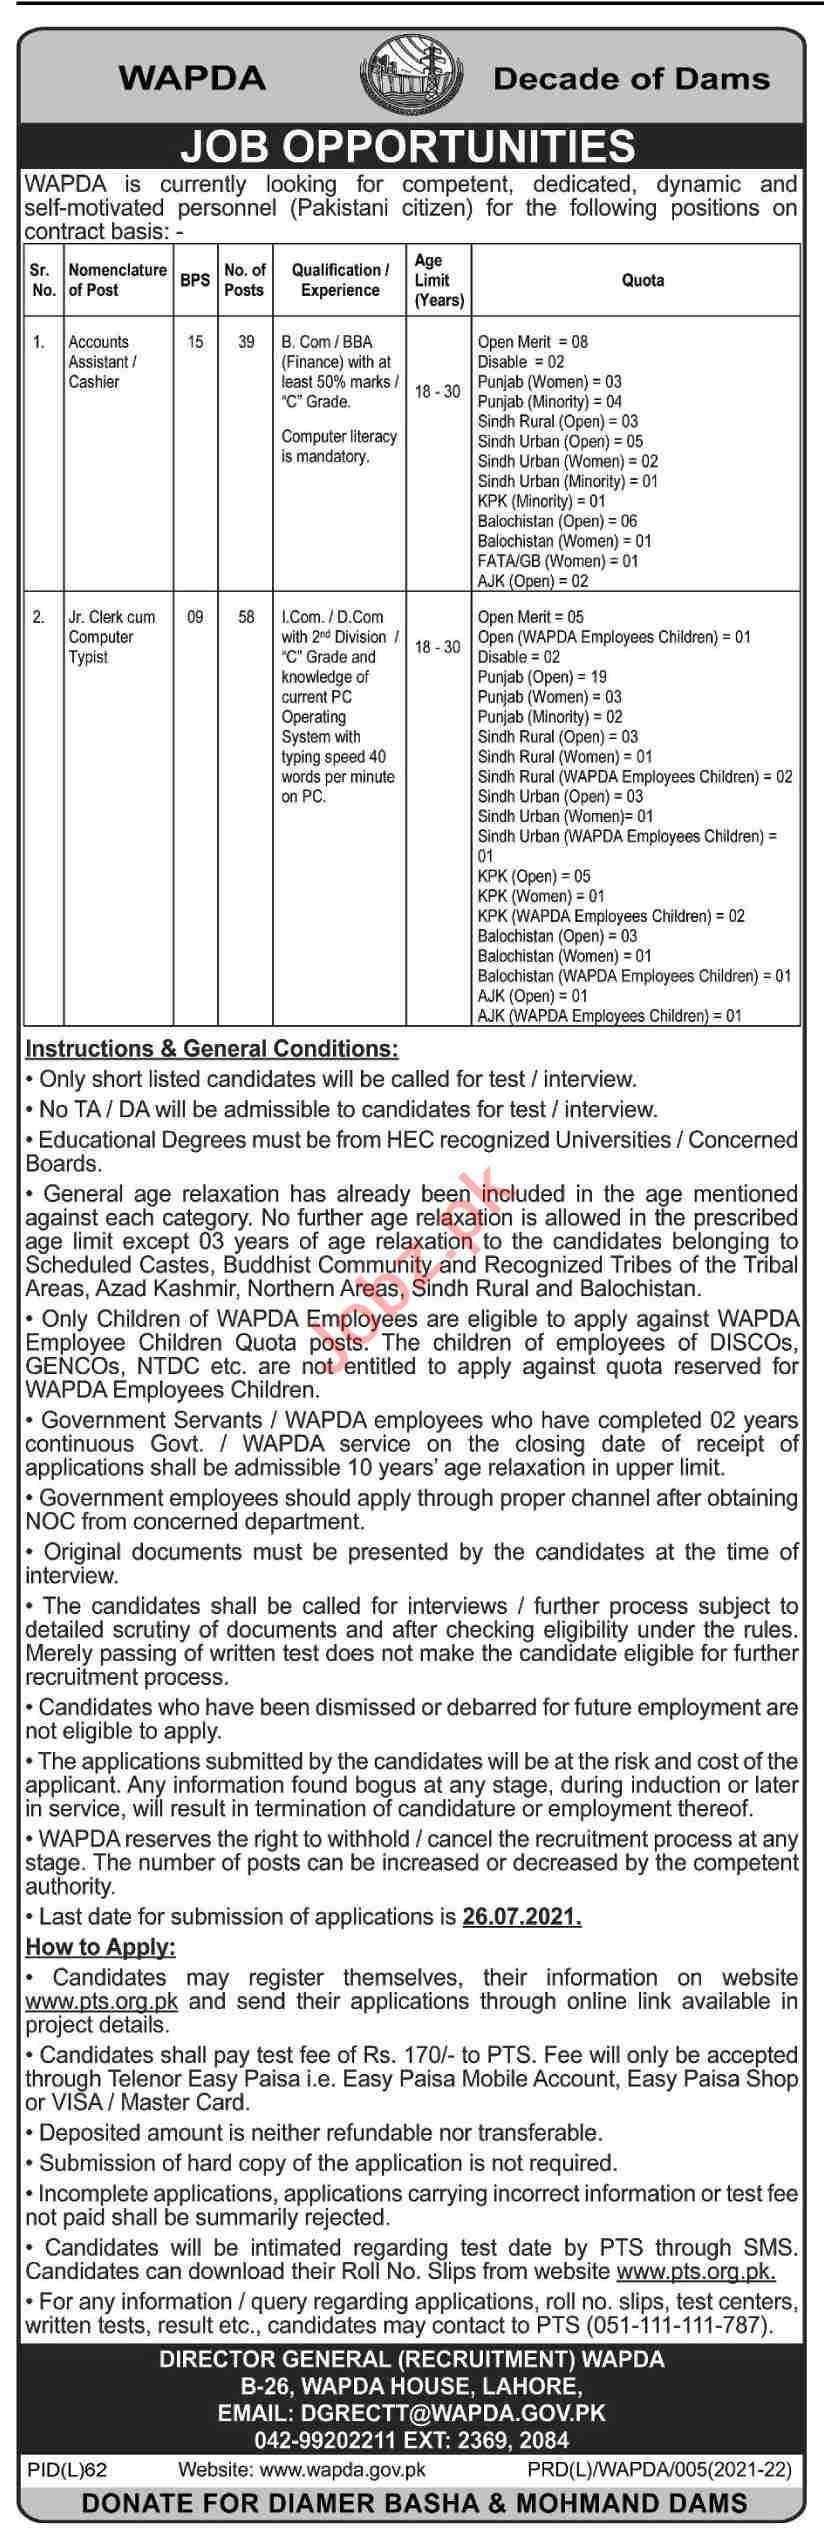 Jobs in Water & Power Development Authority WAPDA